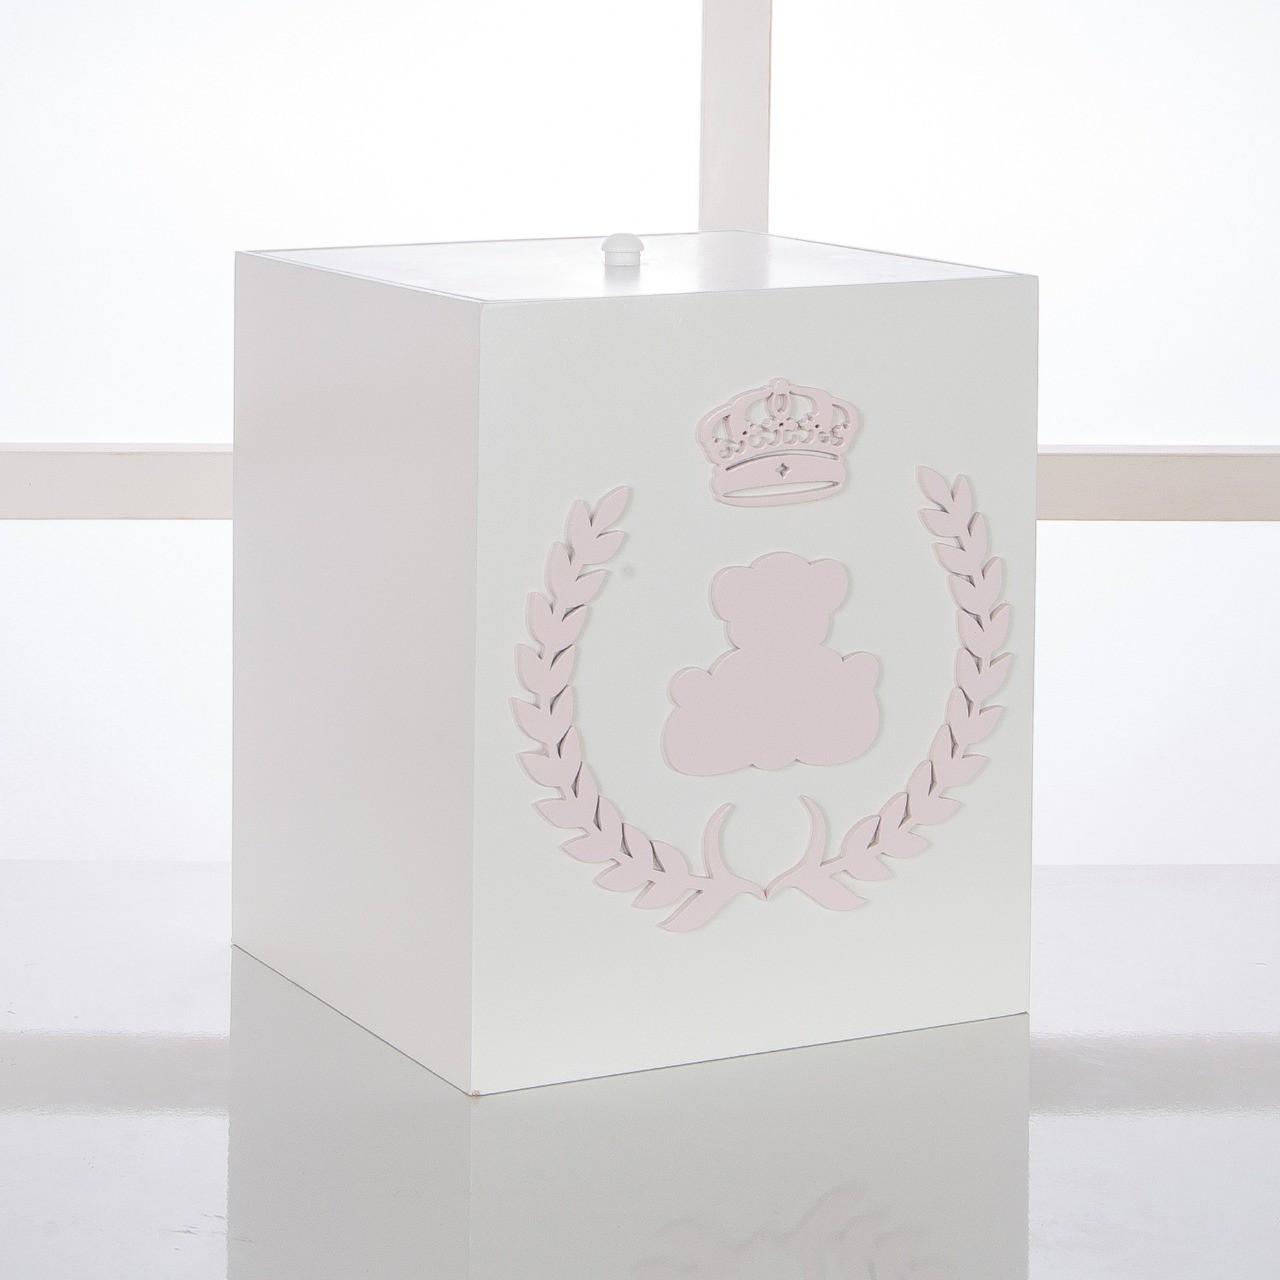 Kit de Higiene Bebê com 7 Peças Realeza Branco e Rosa